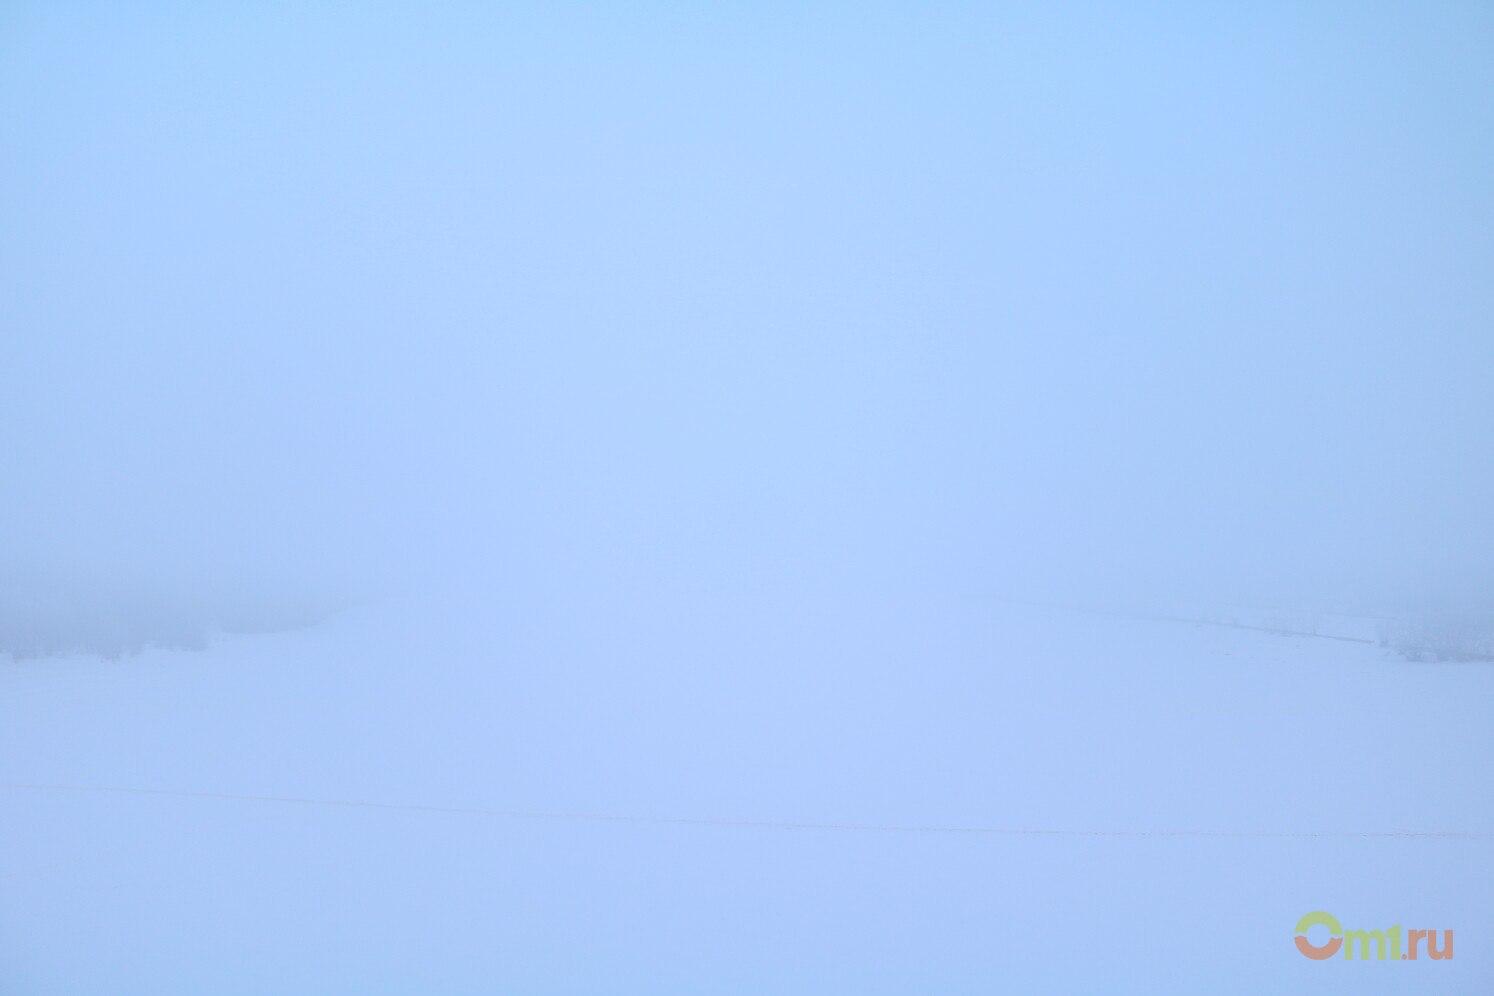 ВГидрометцентре рассказали, что утром Омск накрыл радиационный туман